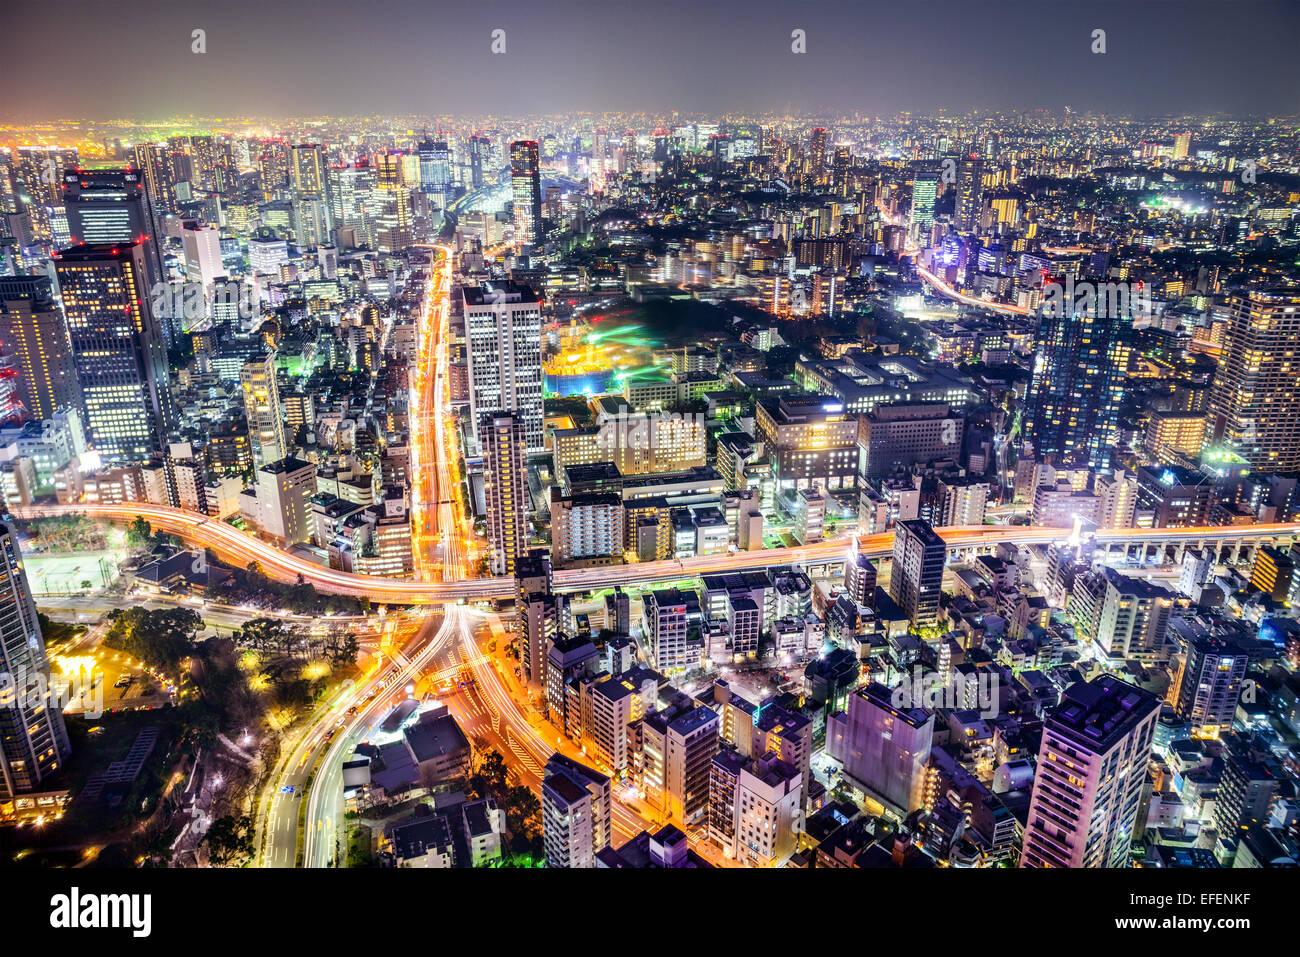 Tokio, Japón, el paisaje urbano y carreteras. Imagen De Stock